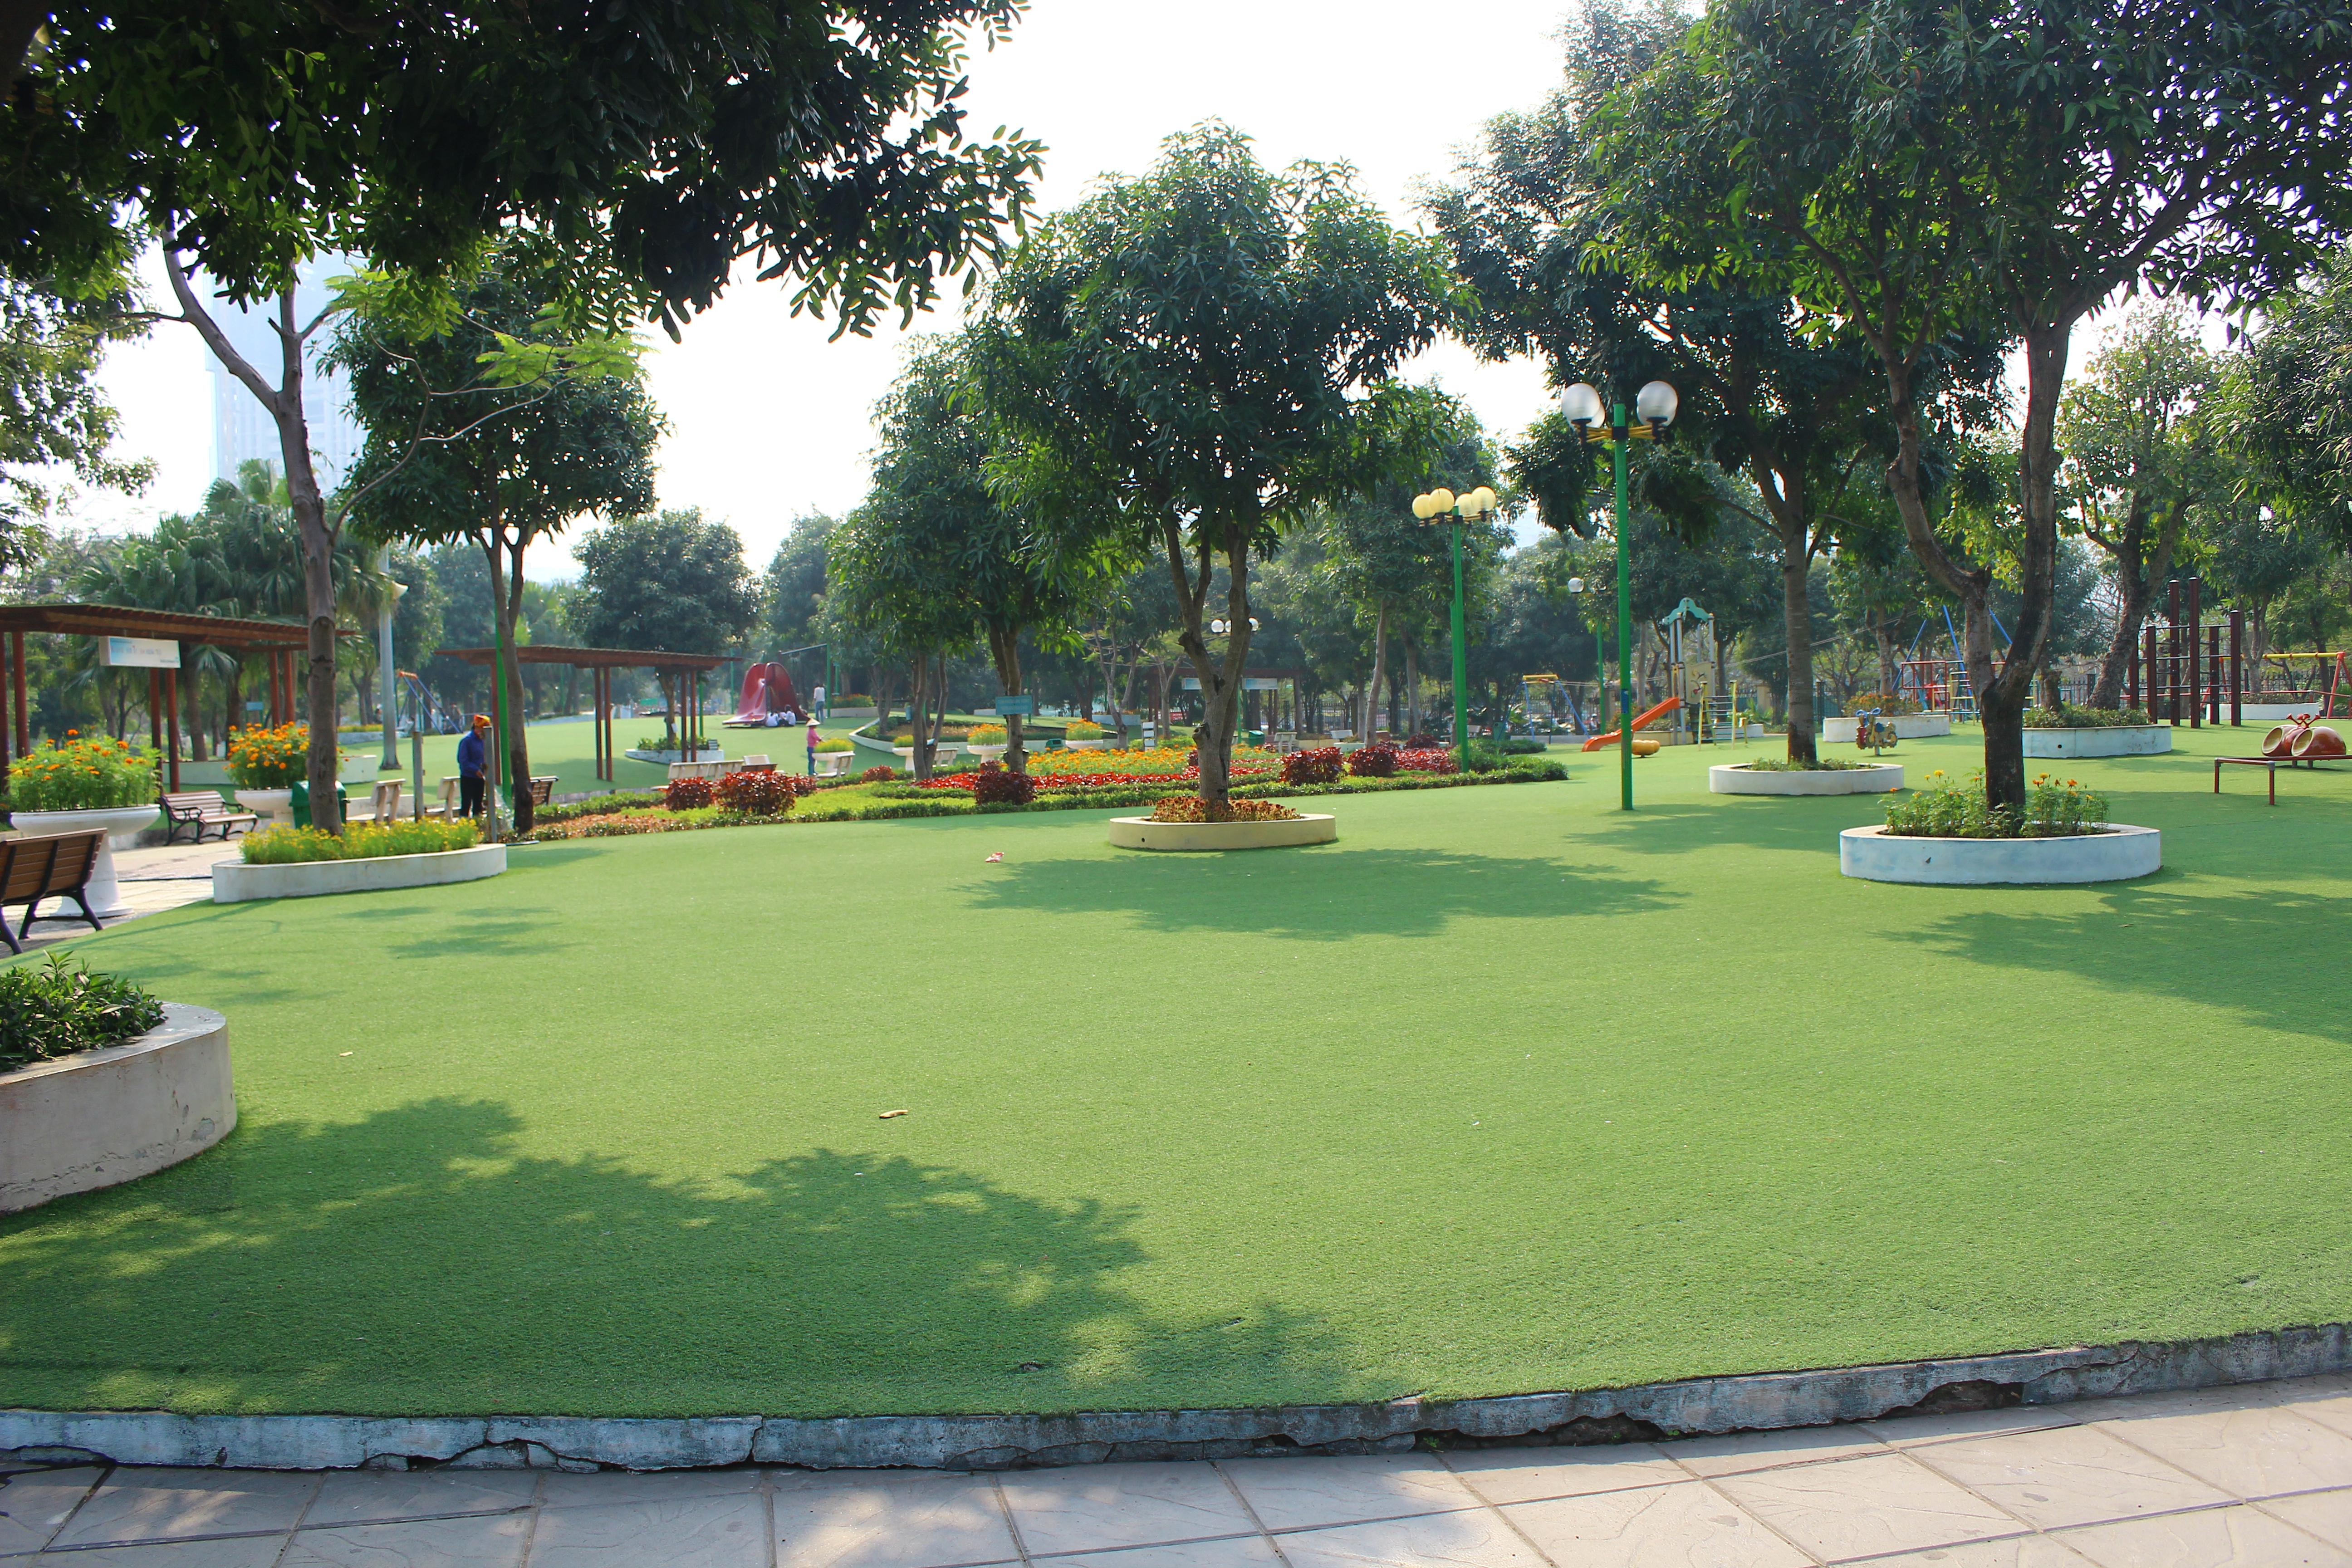 Các thiết bị vui chơi do Nhật Bản tài trợ lắp ráp.  Toàn bộ mặt sàn của sân chơi được trải cỏ  n  t2.